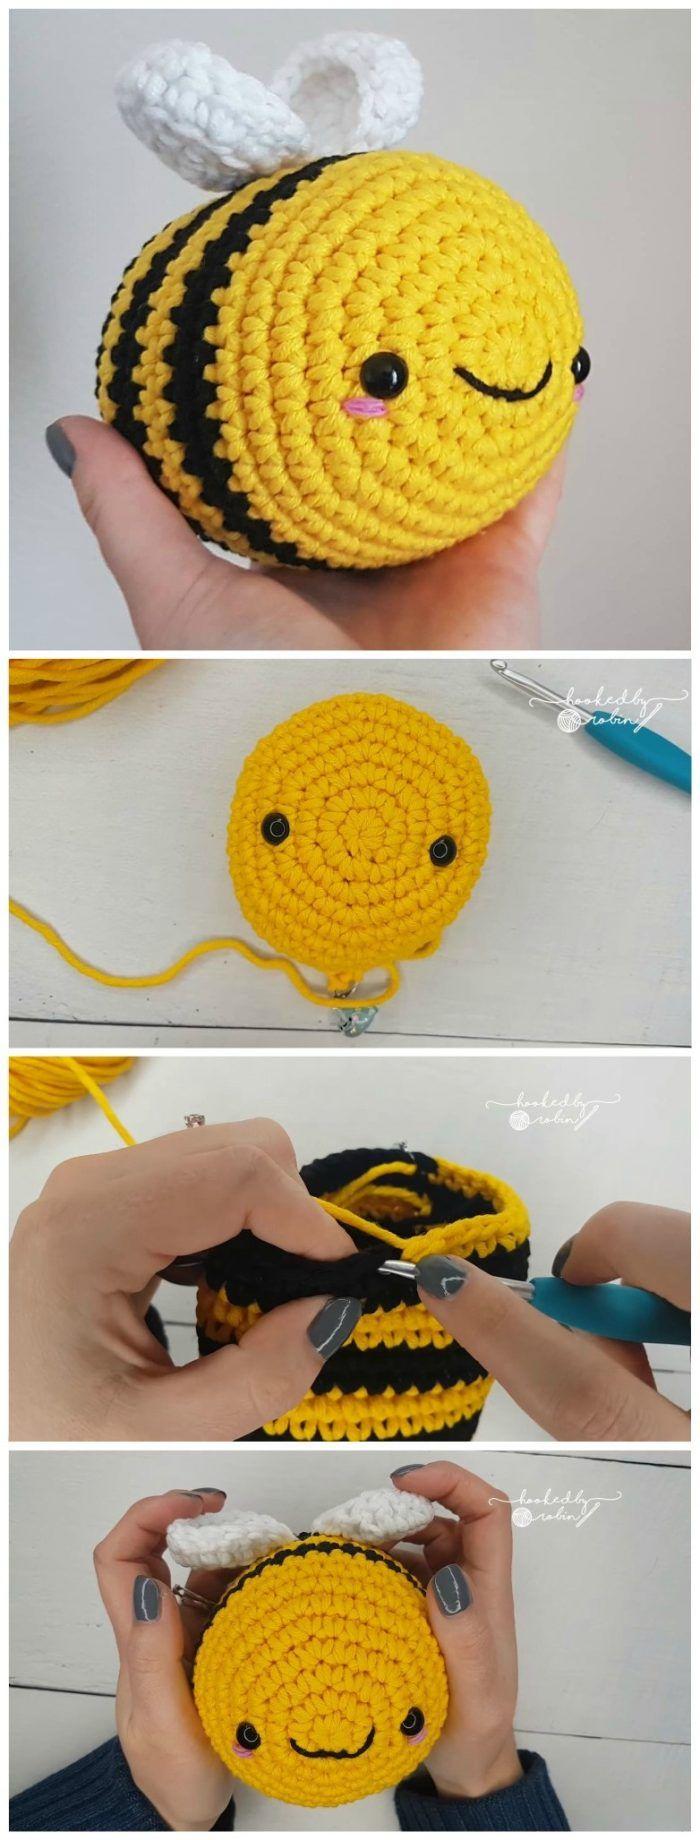 Amigurumi Bumblebee Free Crochet Pattern #amigurumis